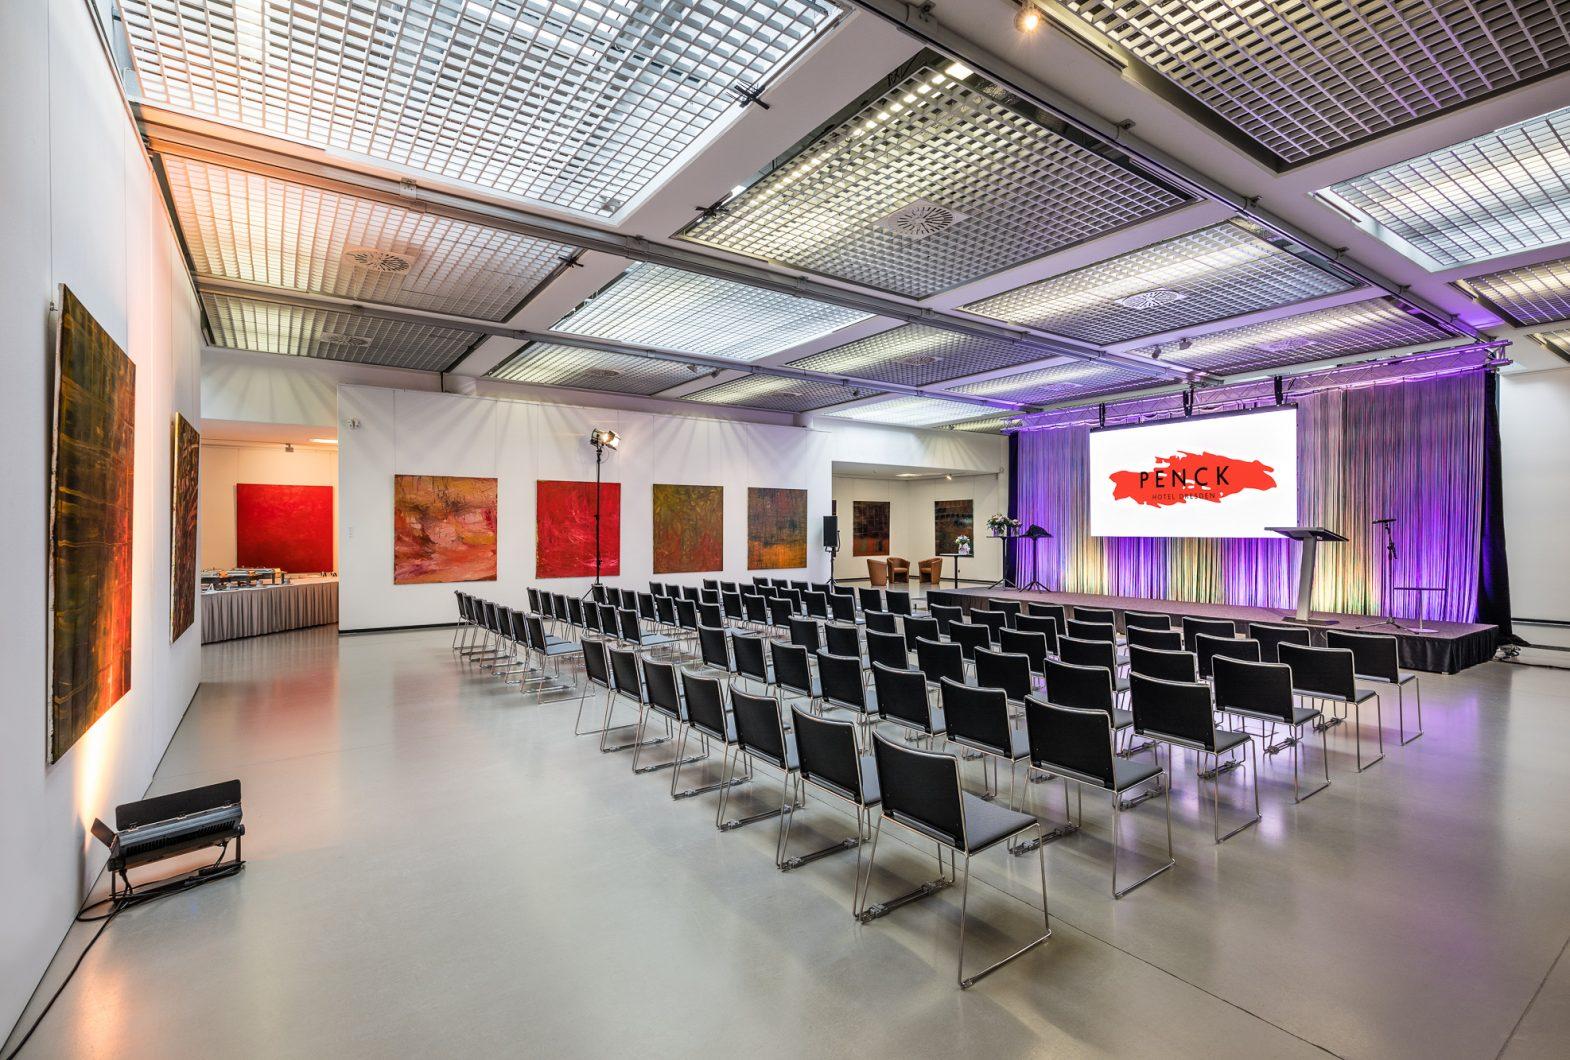 Kunsthalle in Stuhlreihen zu einer Preisverleihung